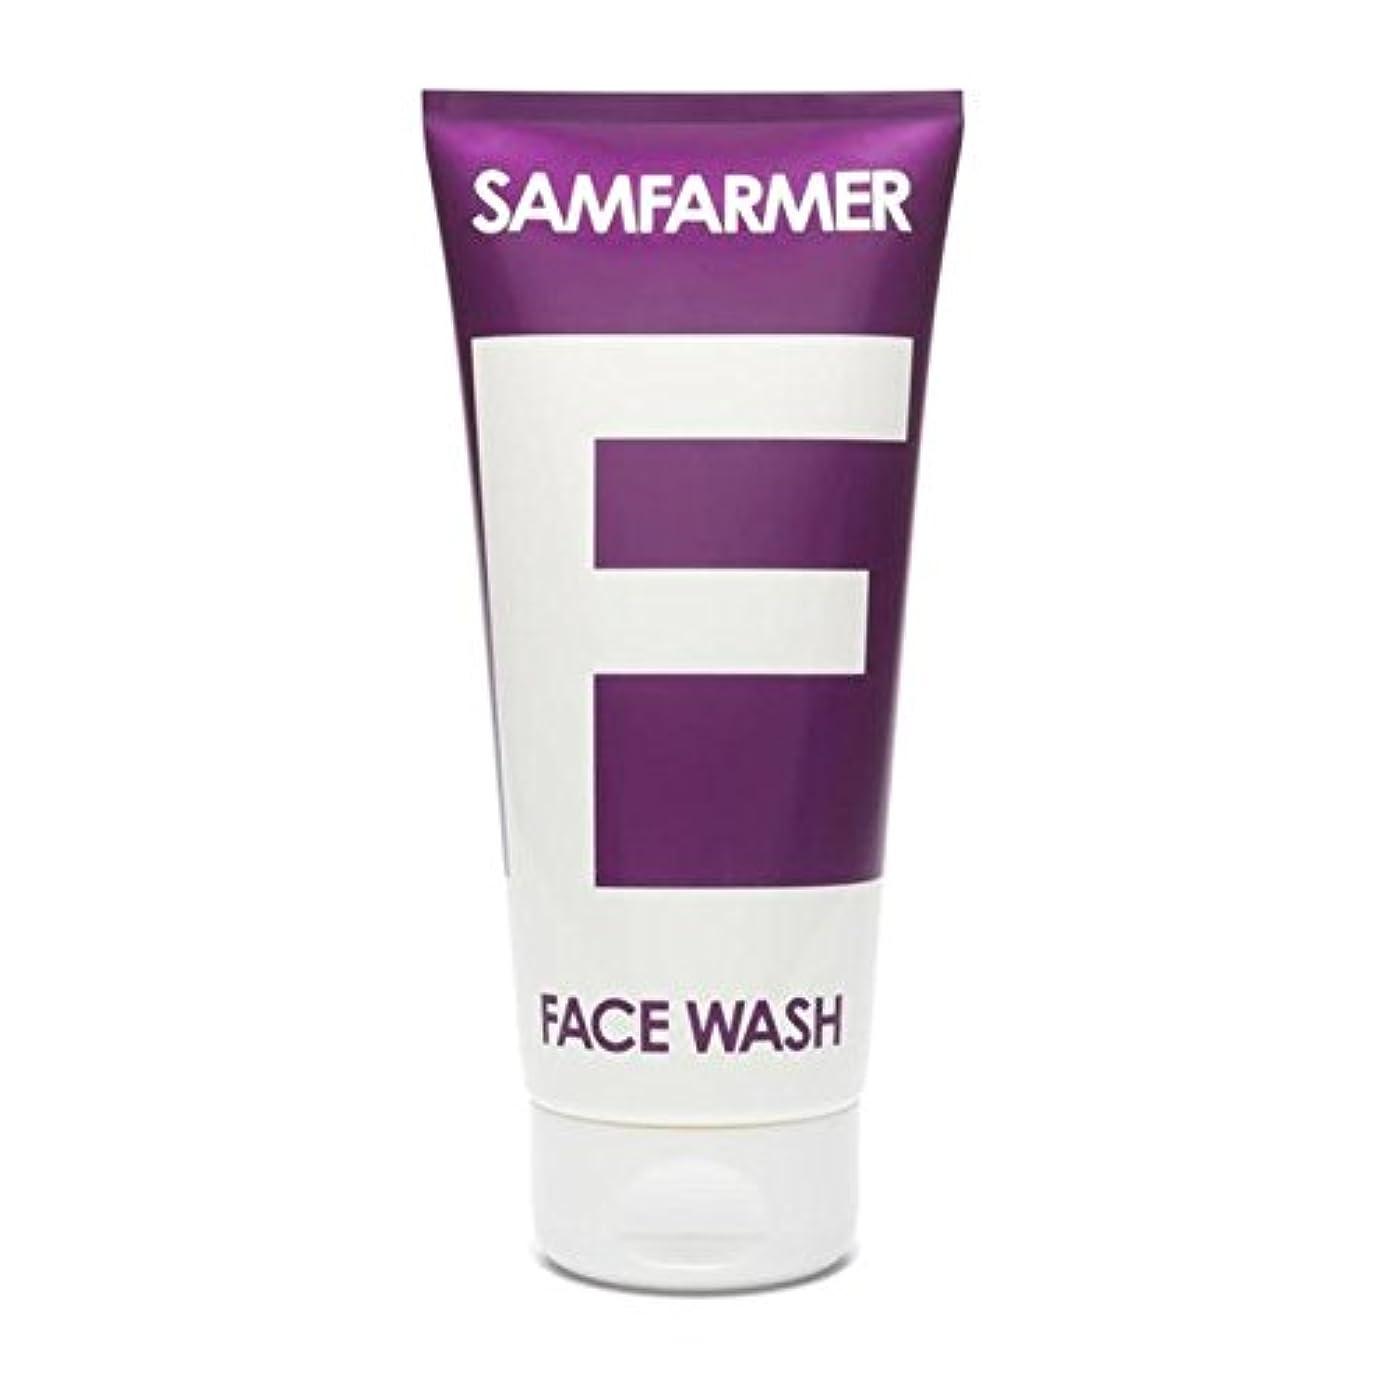 別にゴミ箱を空にする両方ユニセックスフェイスウォッシュ200ミリリットル x2 - SAMFARMER Unisex Face Wash 200ml (Pack of 2) [並行輸入品]